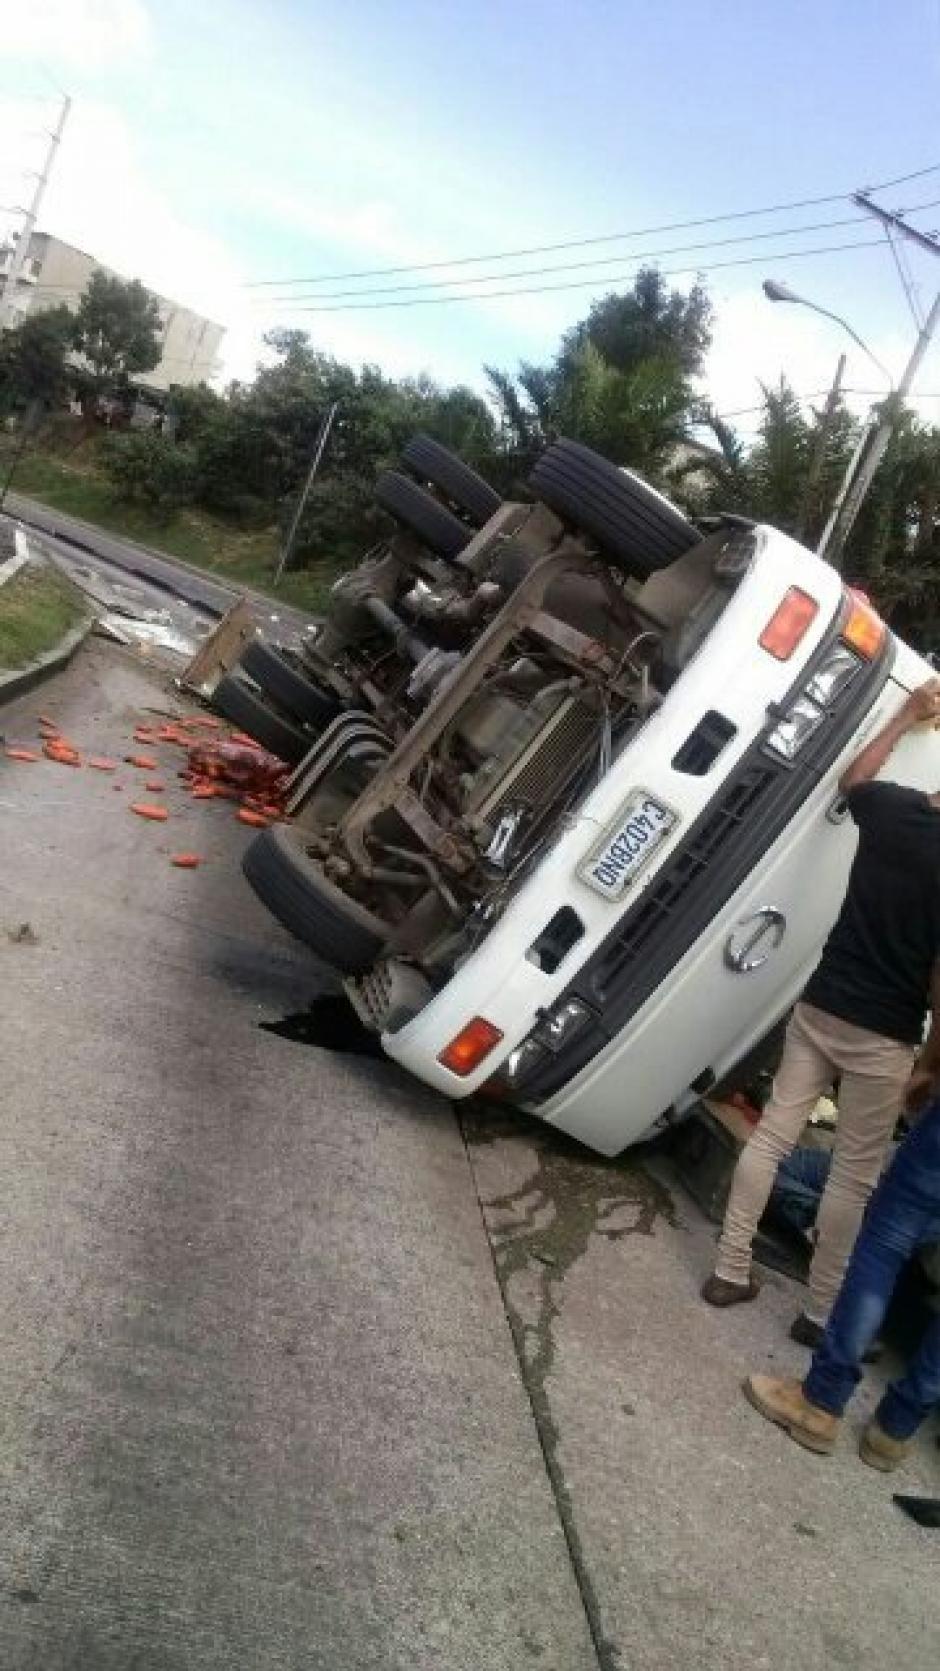 Por el accidente, se complicó el trafico en esa zona. (Foto; Twitter/@DTransitoPNC)